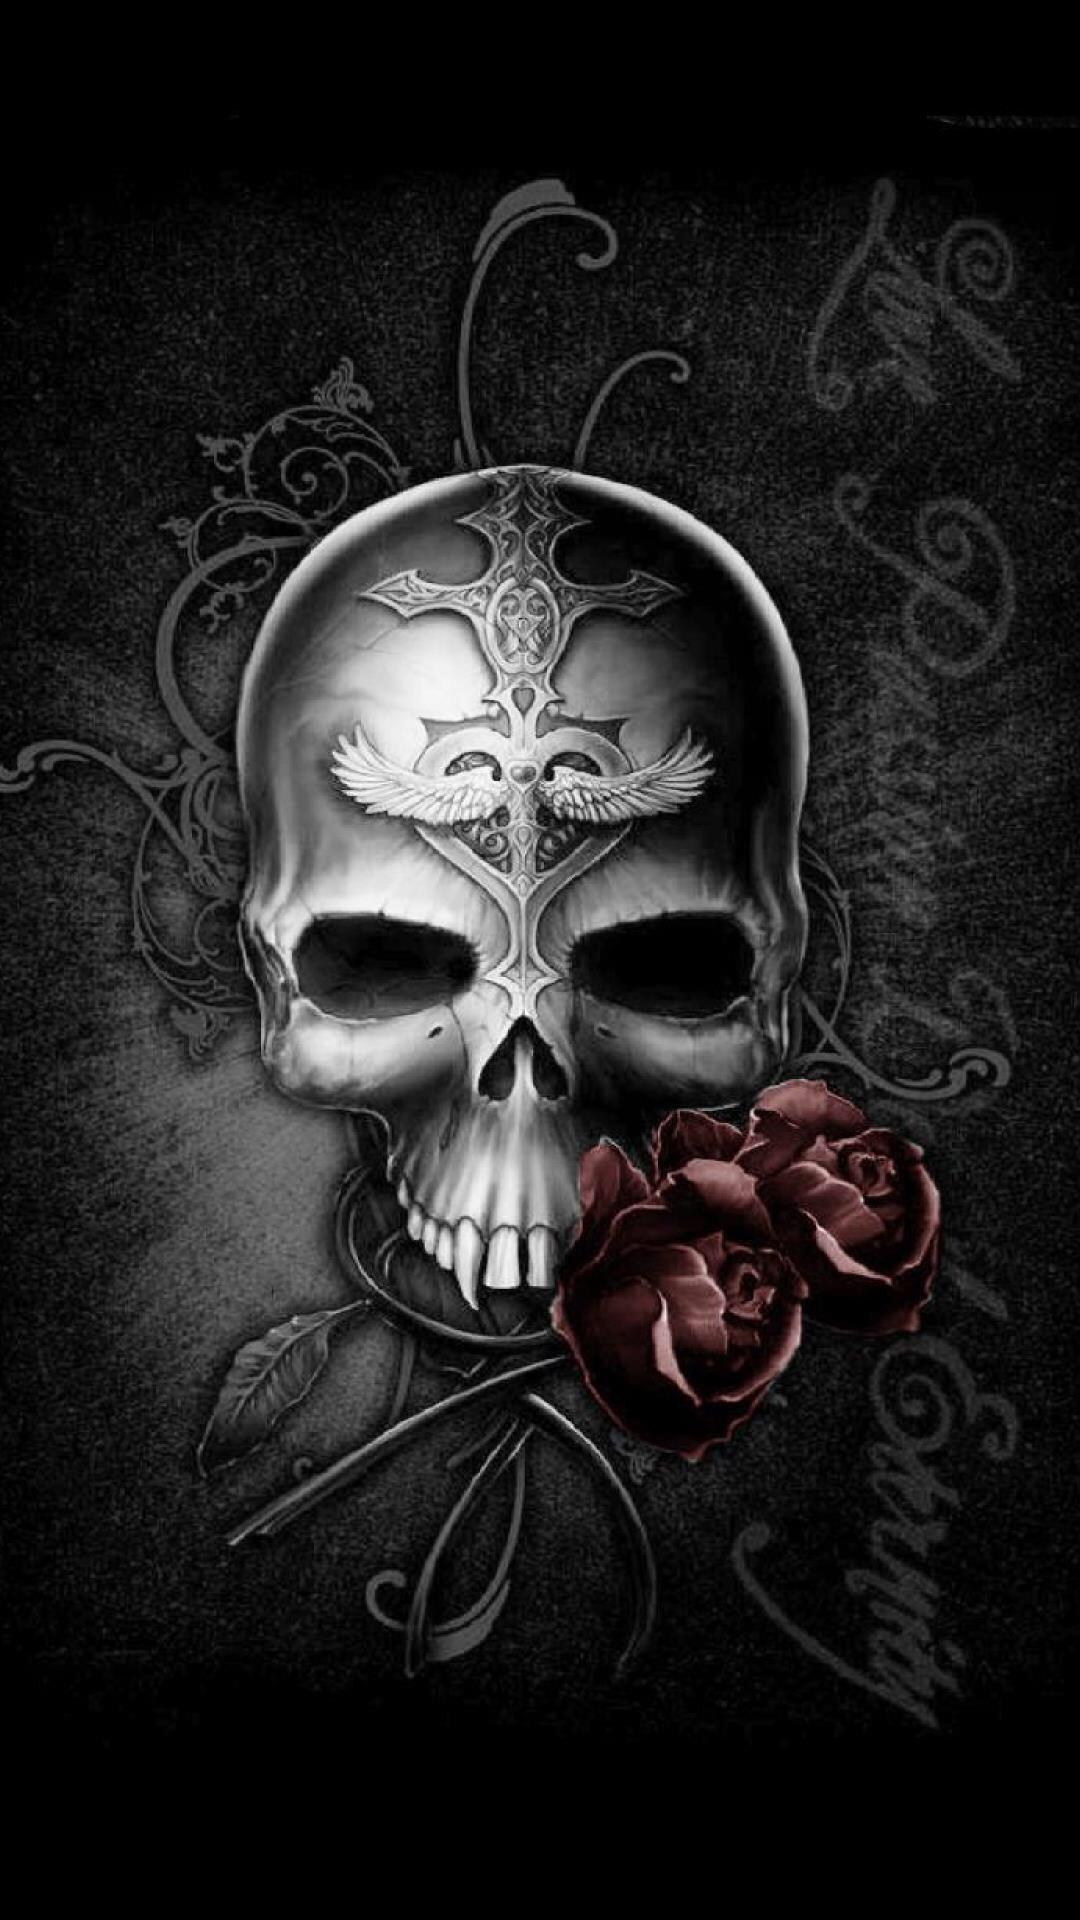 Badass skull wallpaper 68 images 1920x1080 explore skull wallpaper voltagebd Choice Image